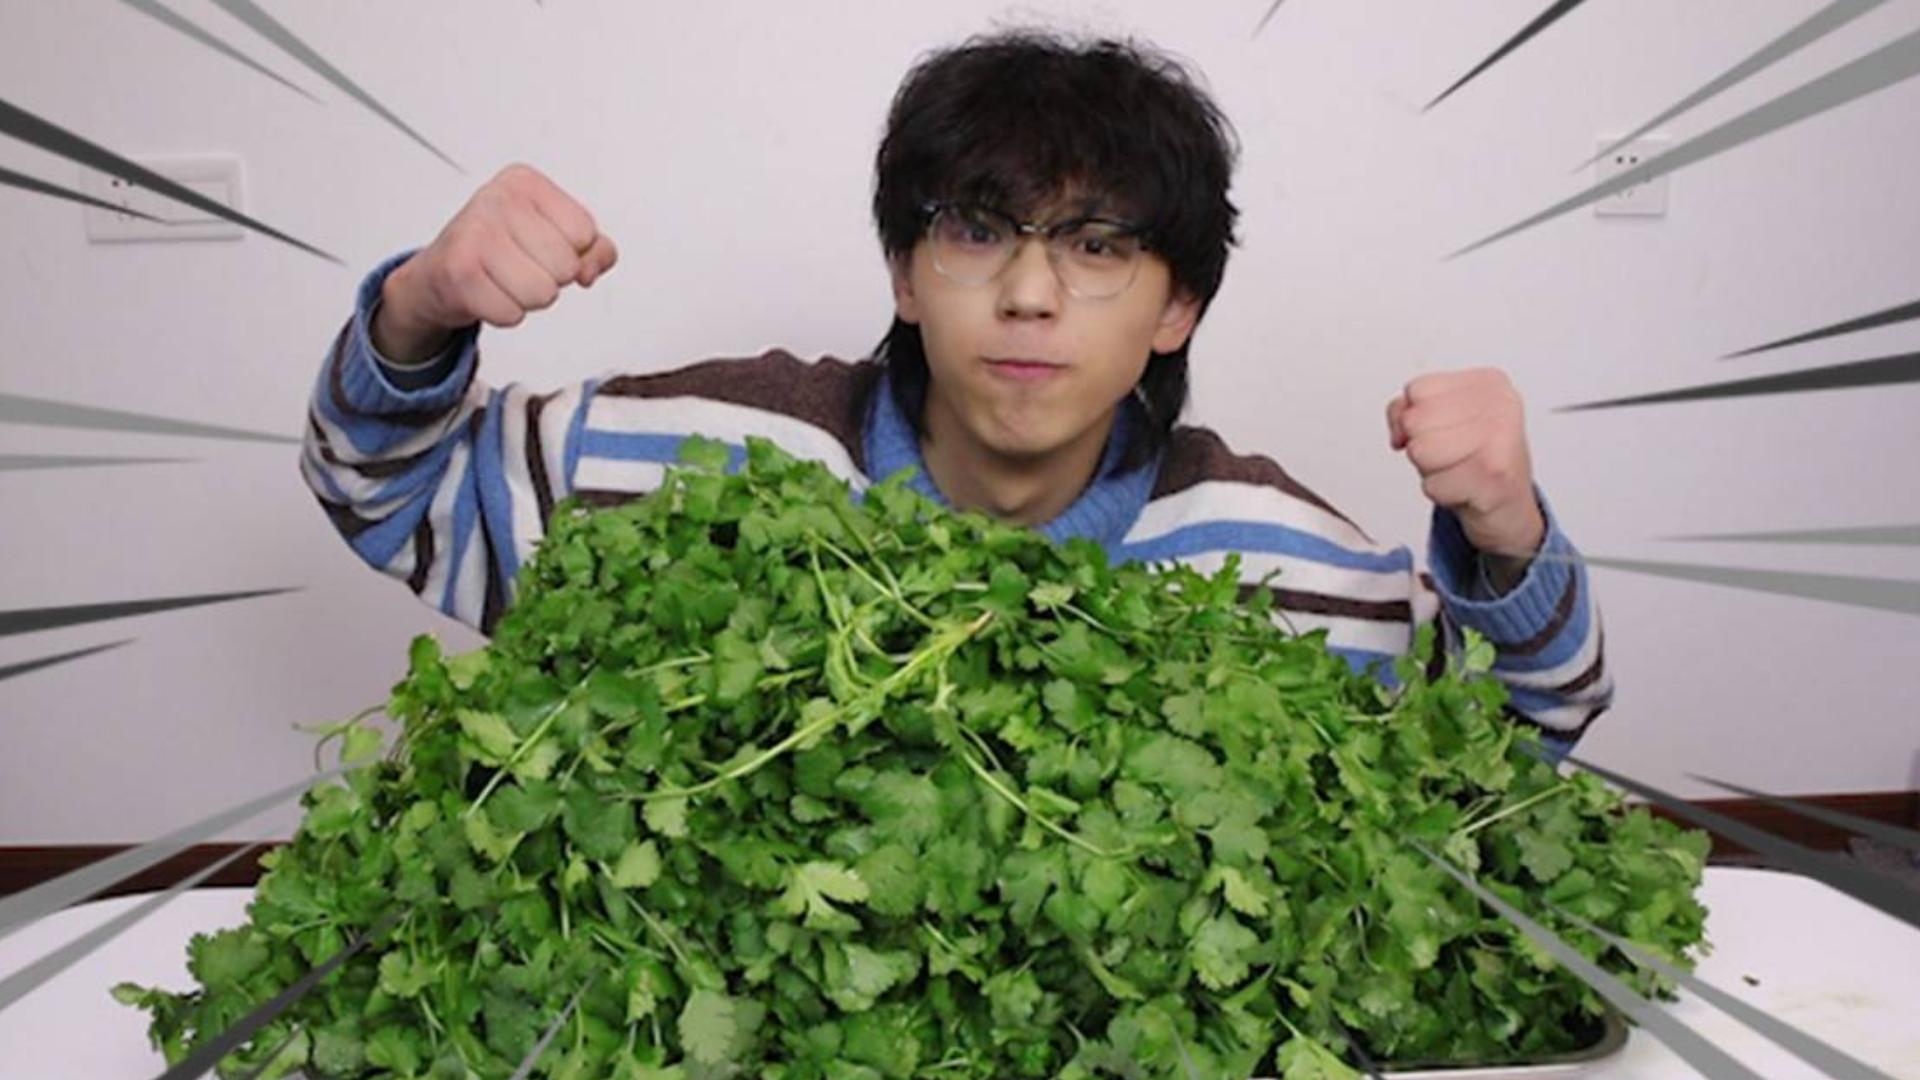 讨厌吃香菜的人怒吃15斤香菜,从此以后会爱上香菜吗?